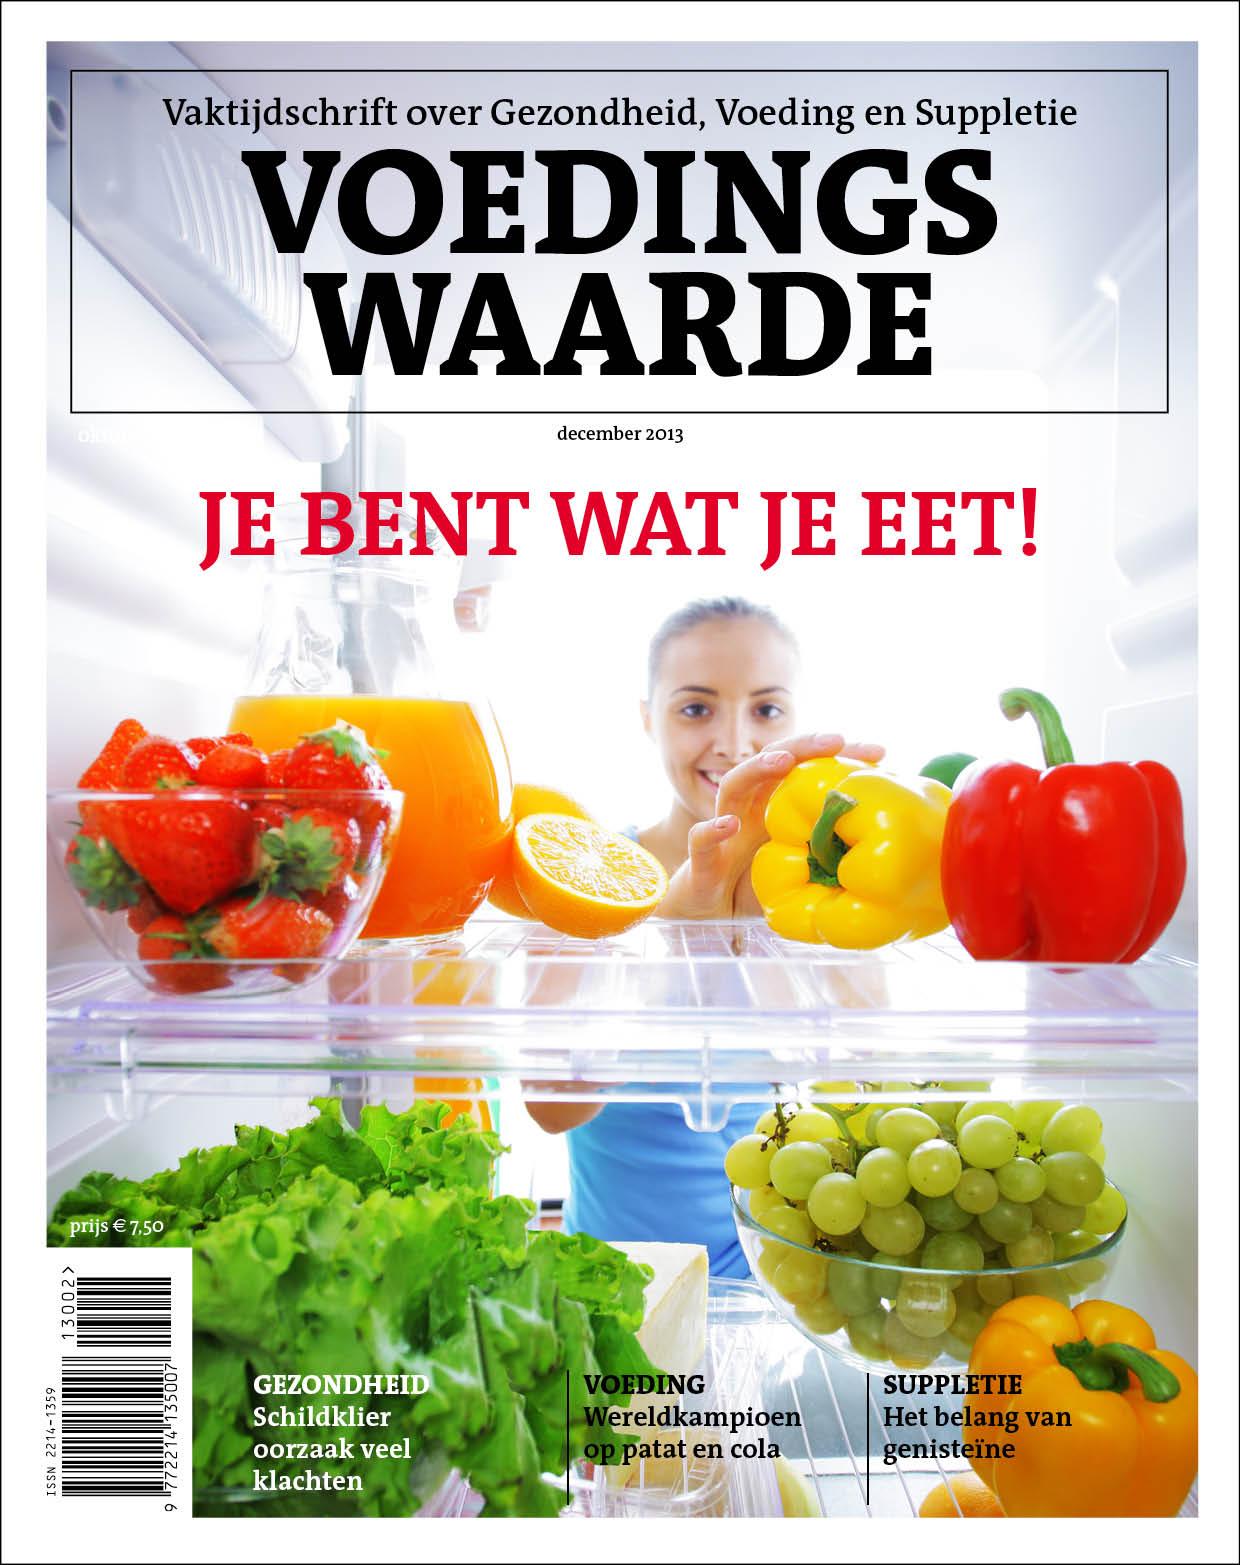 tijdschrift over voedingswaarde